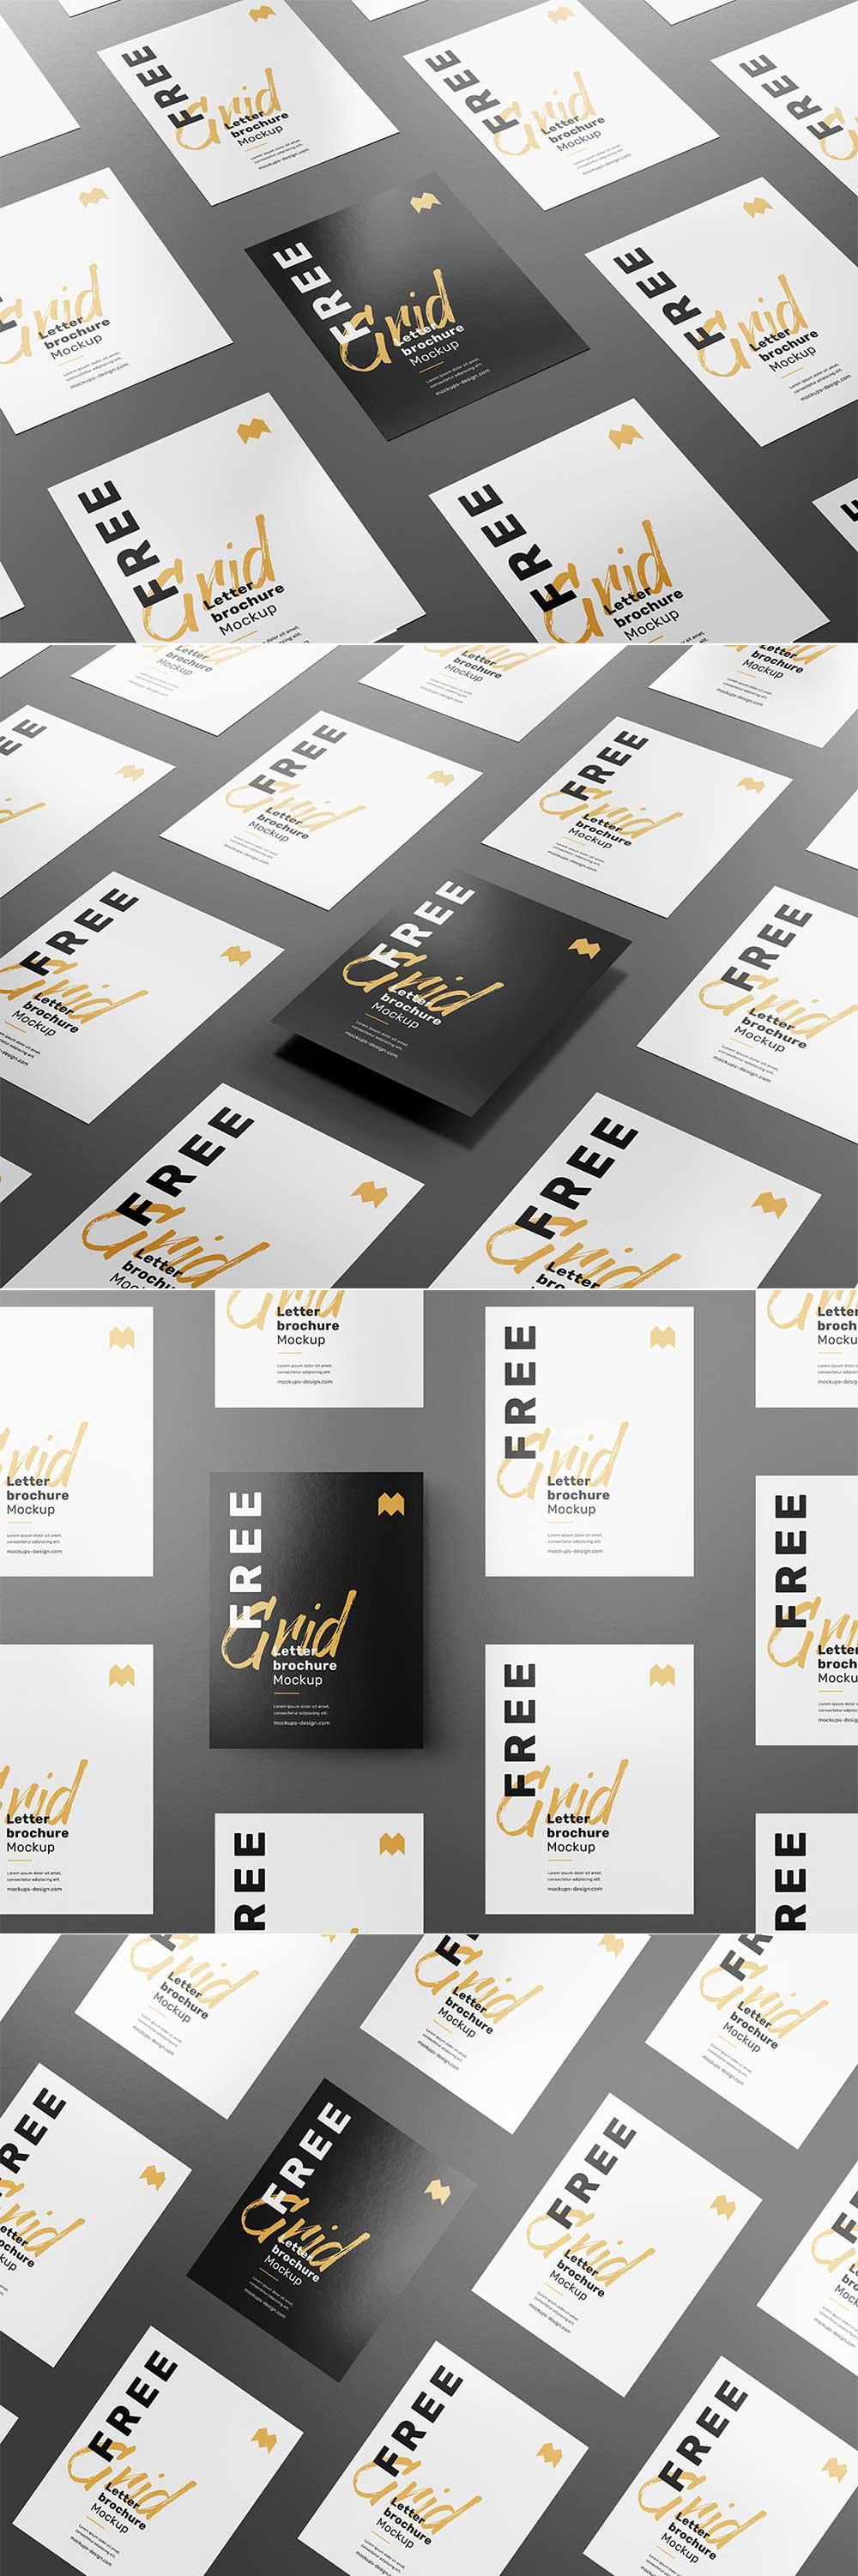 Free Grid Letter Brochure Mockup